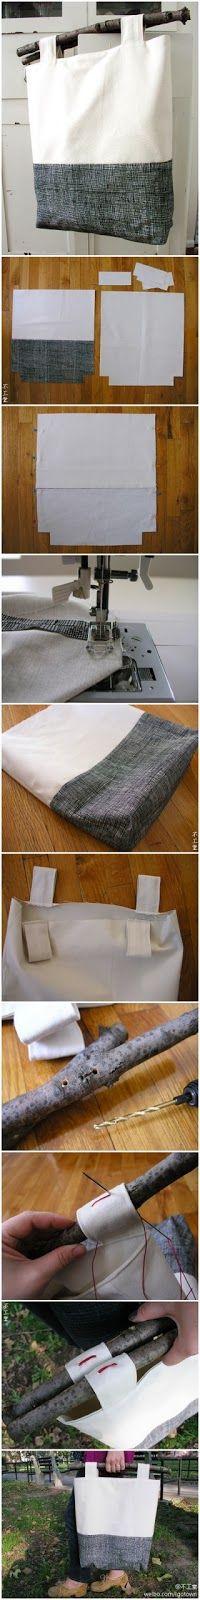 Cute DIY Bag